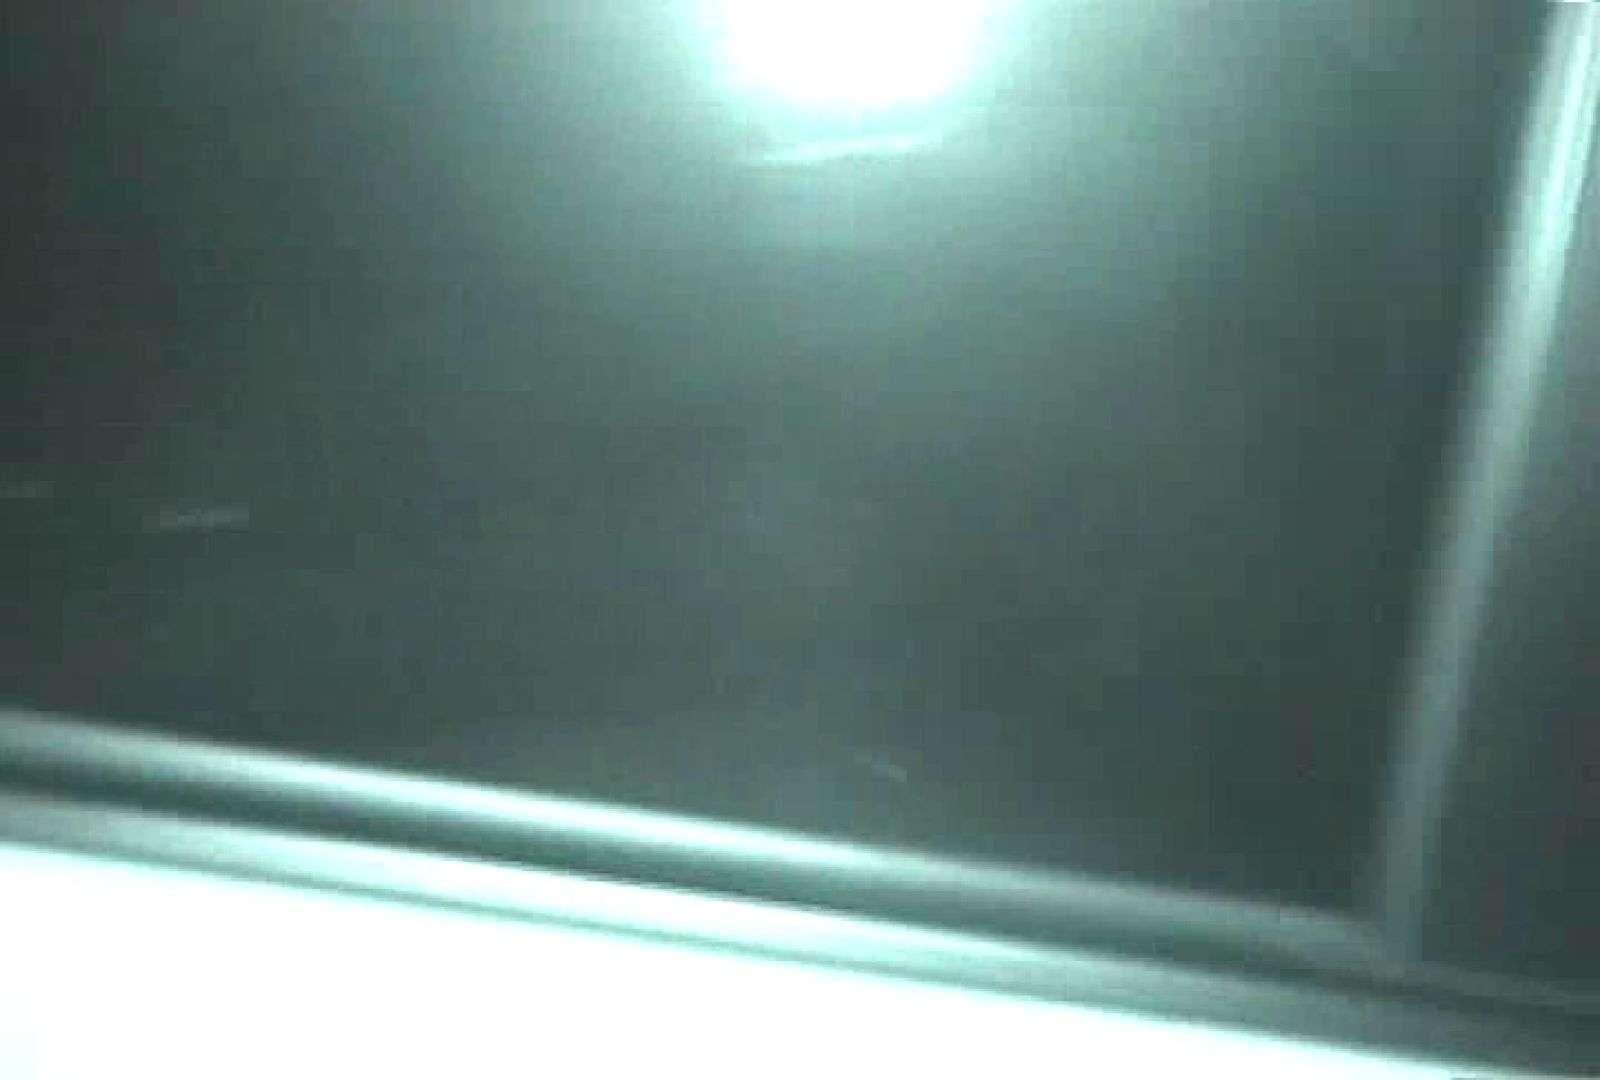 充血監督の深夜の運動会Vol.42 ギャルすけべ画像 AV動画キャプチャ 55連発 26